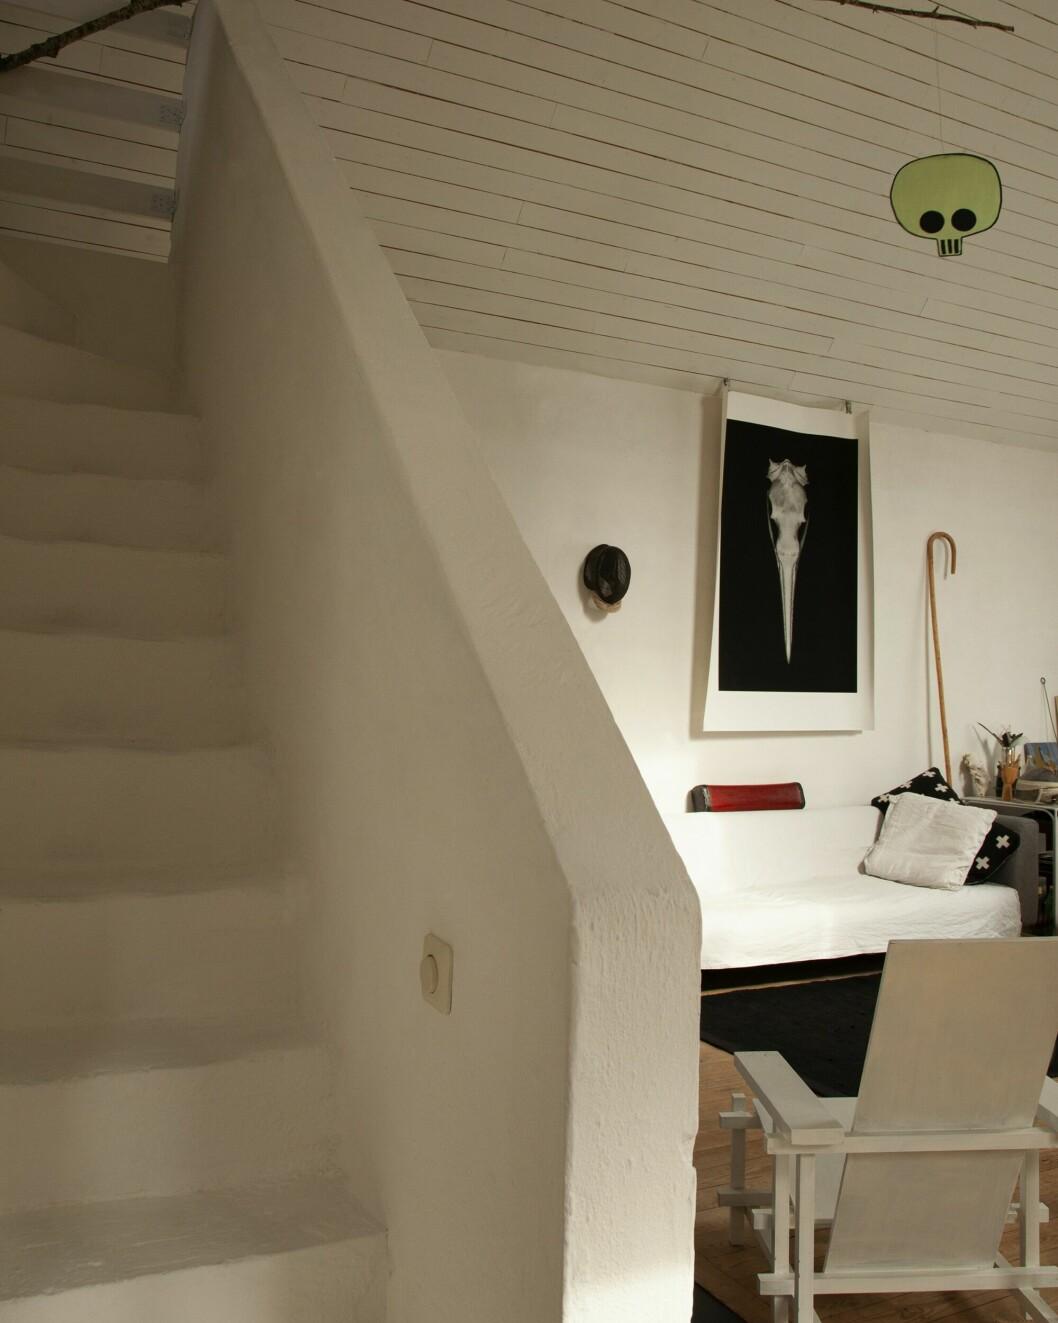 Fågelskalle-bilden ur serien Ornitologen som är ett av Björns pågående projekt. Just denna ställdes ut tillsammans med åtta andra på Lars Liliendahls Double Elvis Gallery 2012.